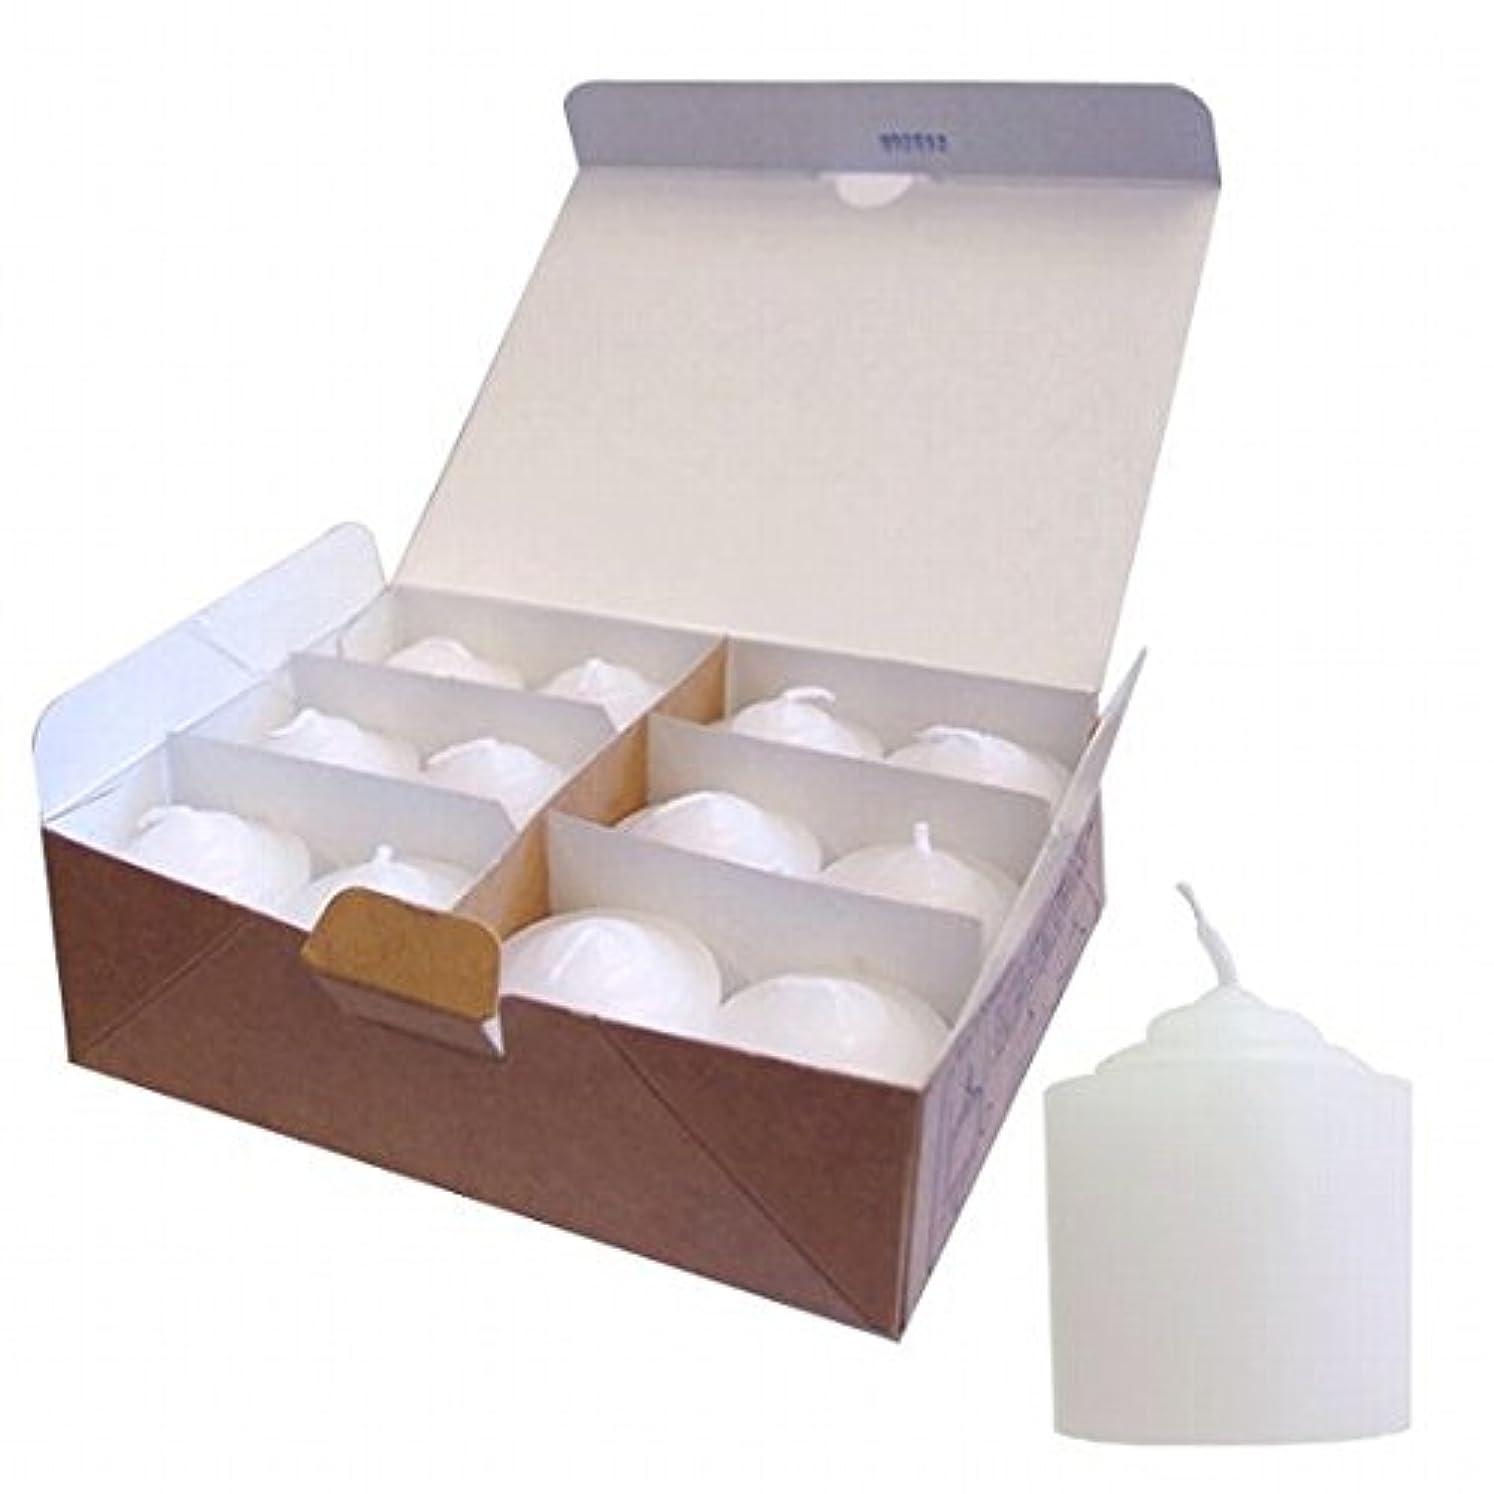 カメヤマキャンドル( kameyama candle ) 8Hライト(8時間タイプ)12個入り